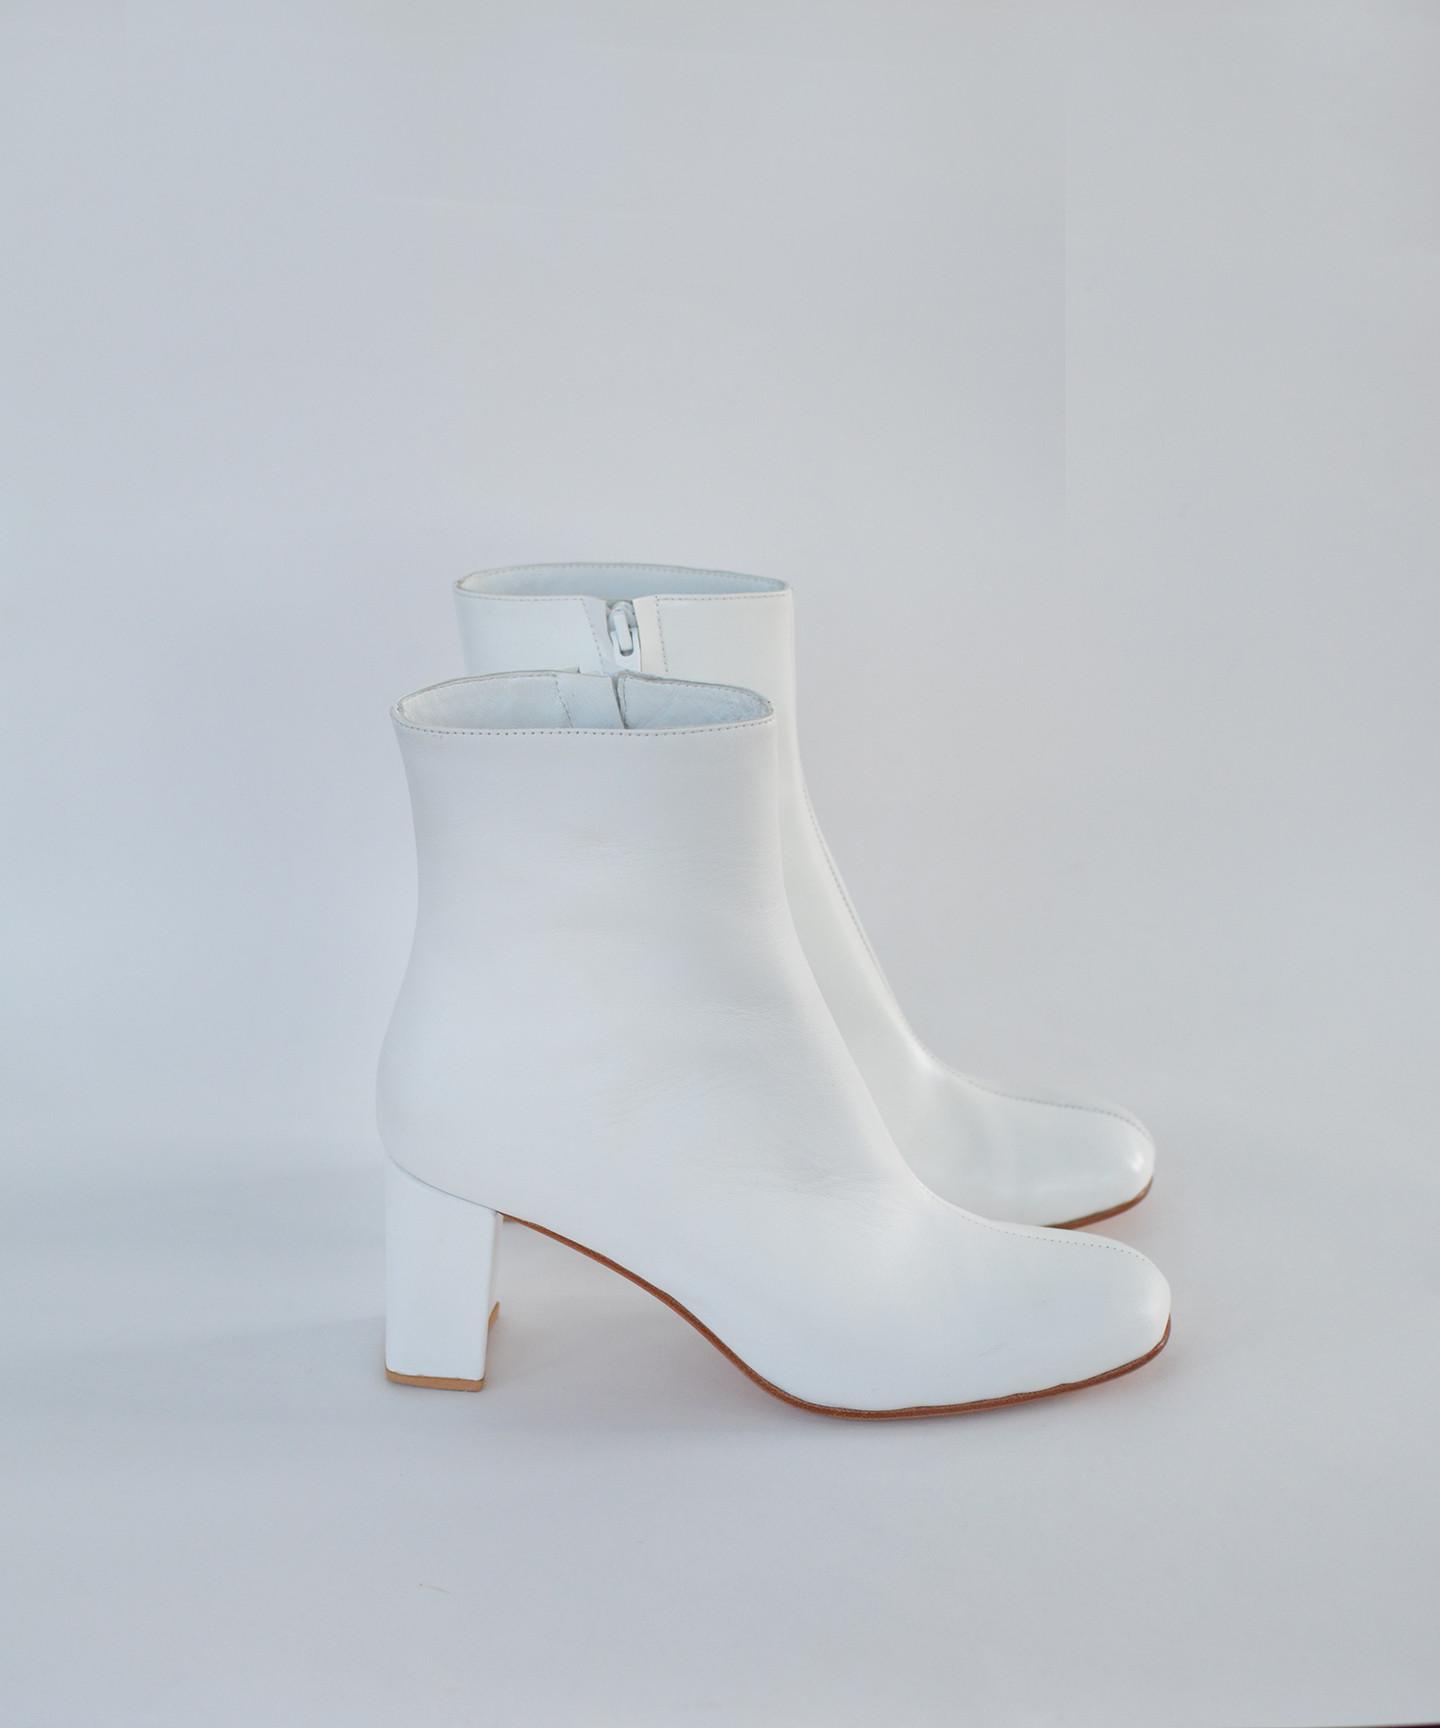 Maryam Nassir Zadeh White Calf / White